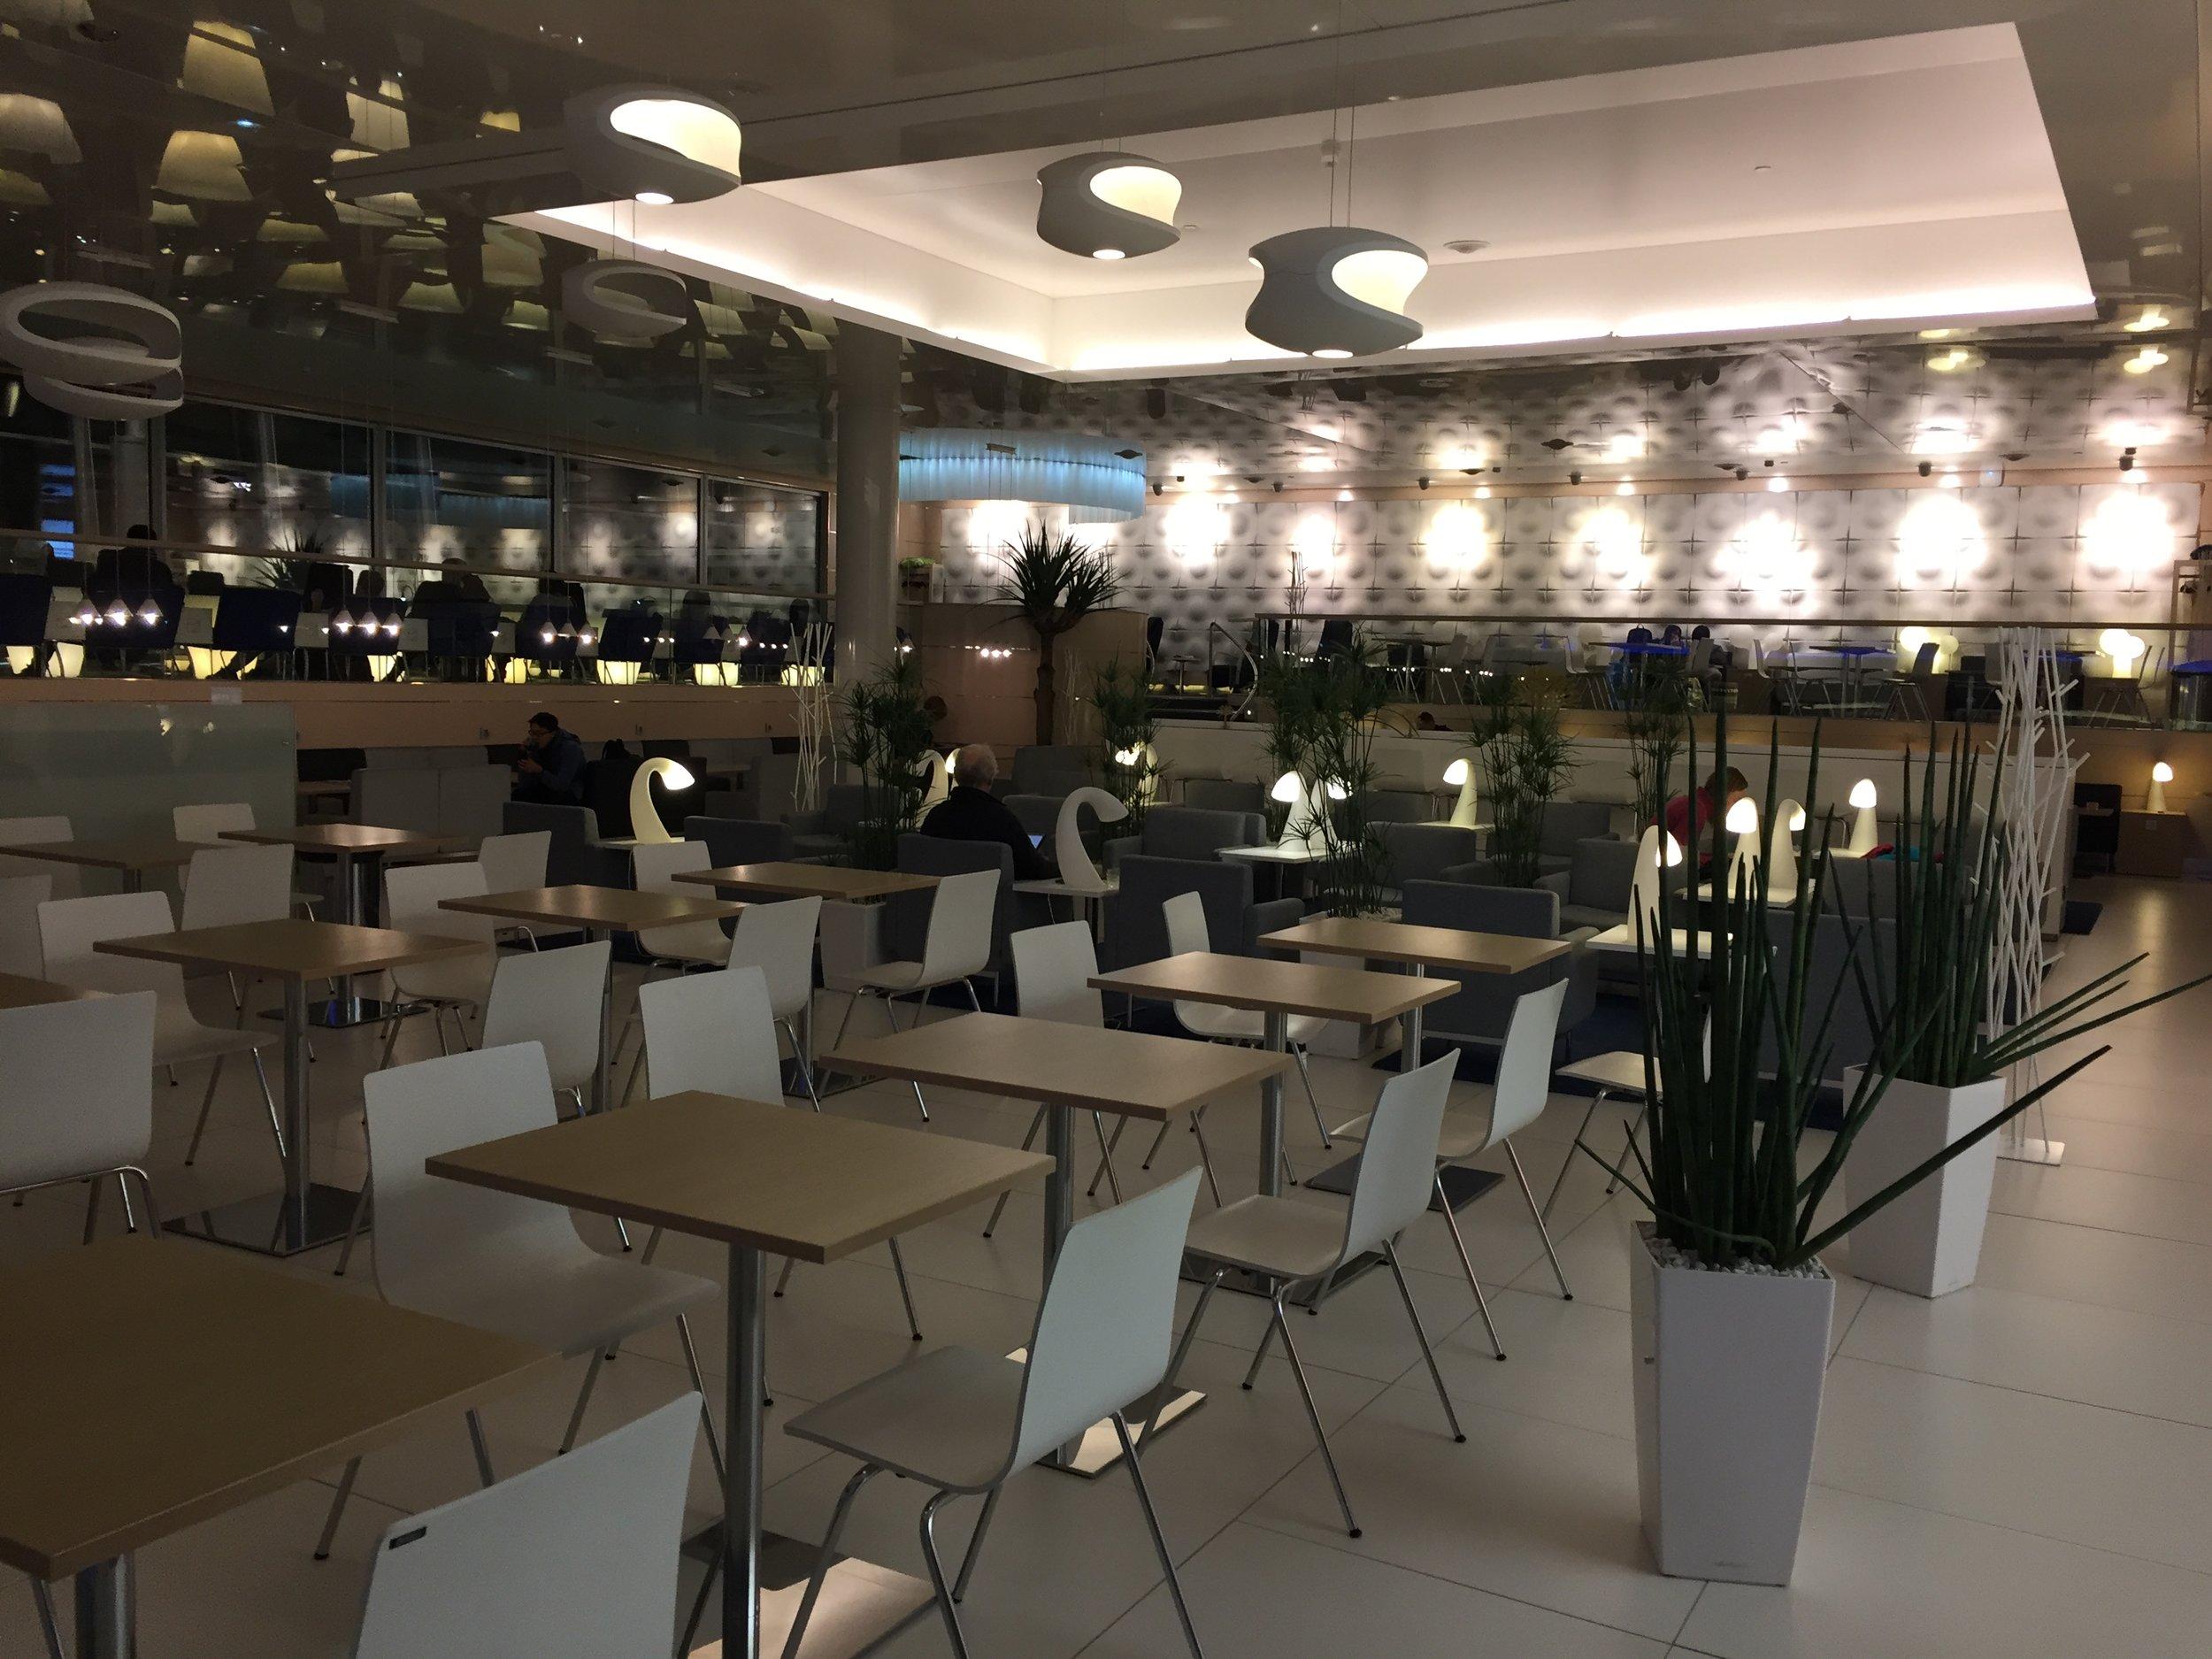 A view of Finnair's main lounge